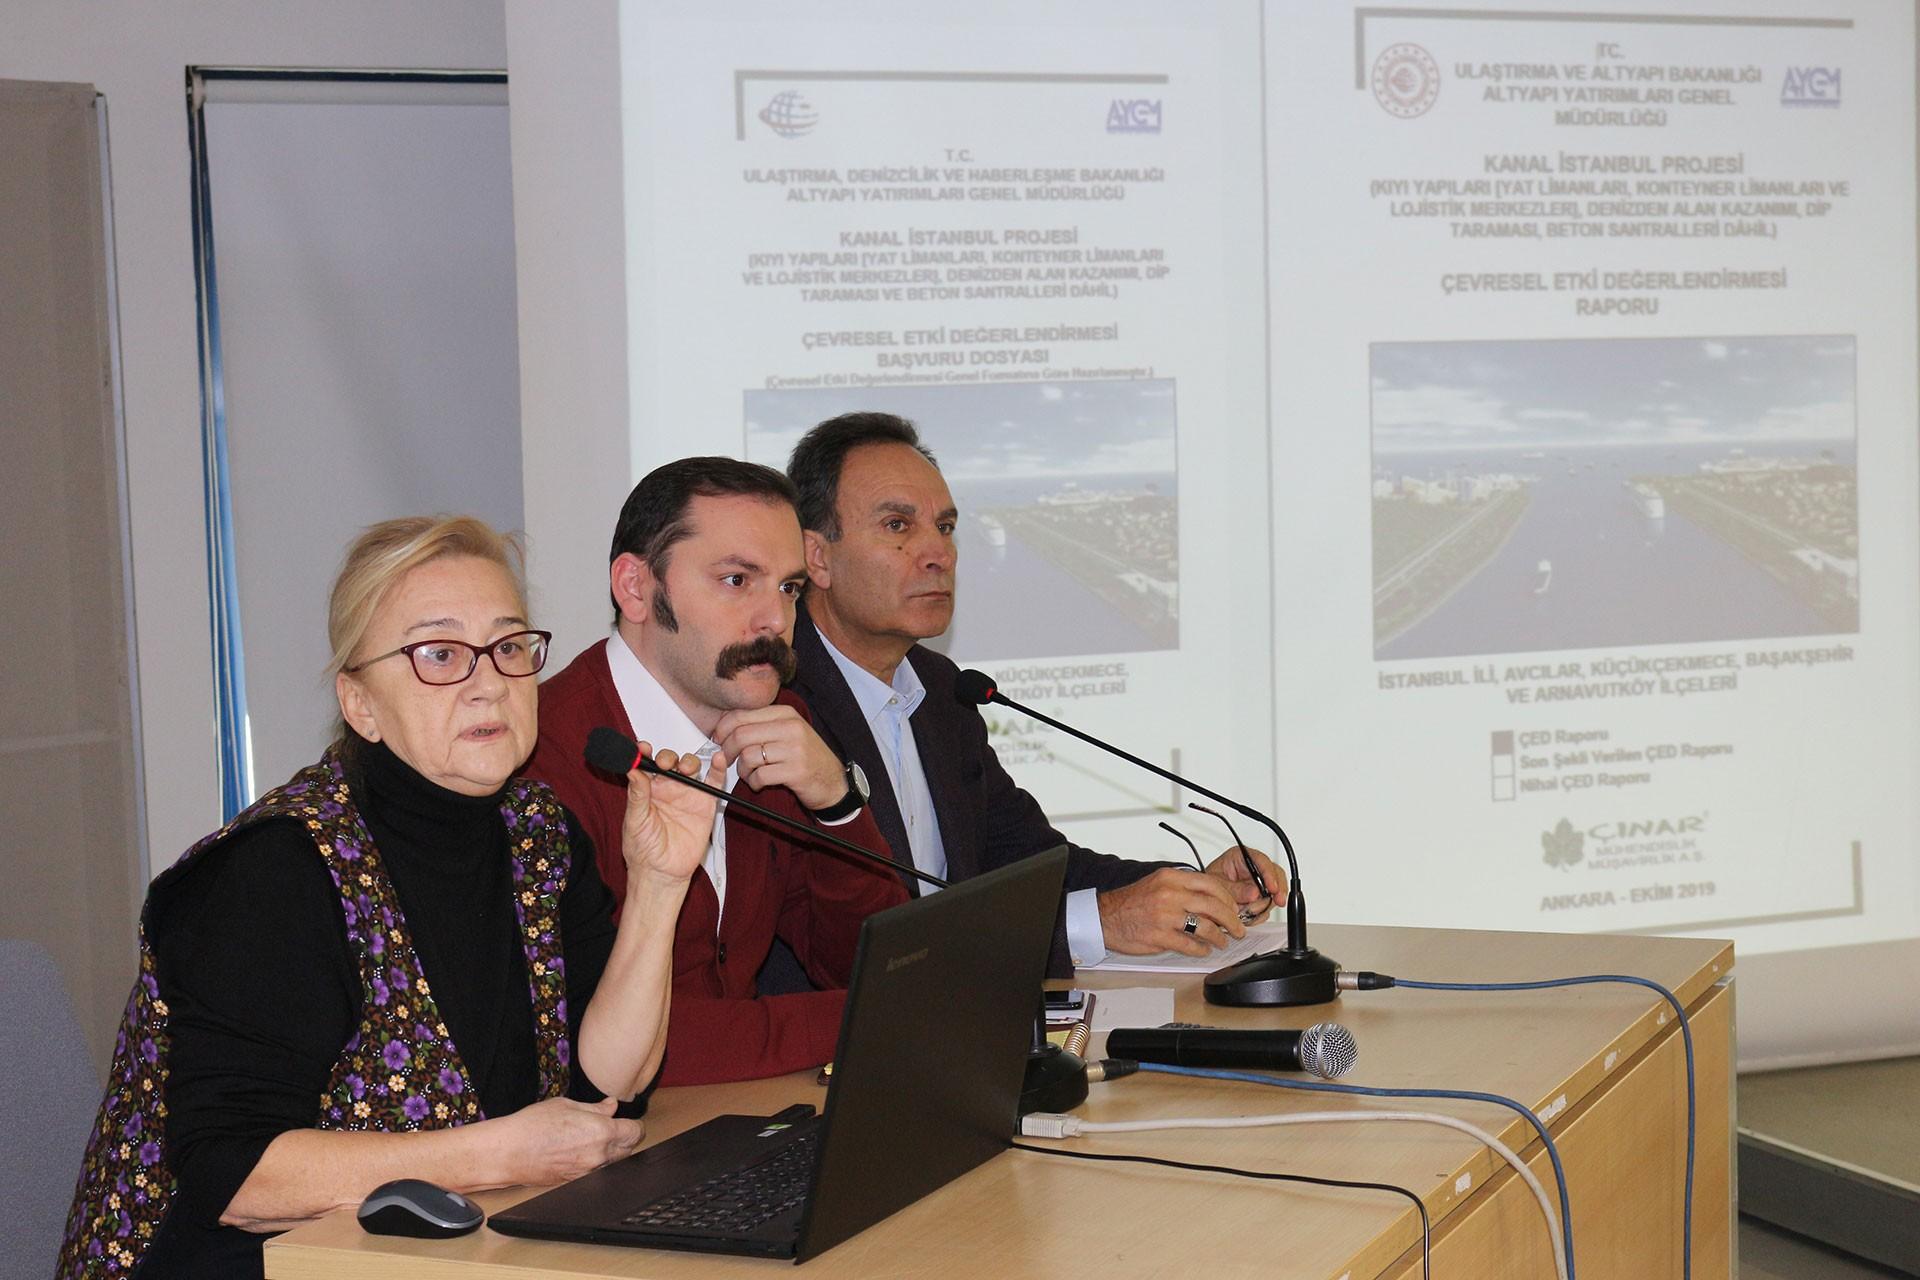 TMMOB İstanbul İl Koordinasyon Kurulu üyeleri Mücella Yapıcı, Cevahir Efe Akçelik ve Haluk Eyidoğan Kanal İstanbul'a dair proje görüntüleri önünde açıklama yapıyor.